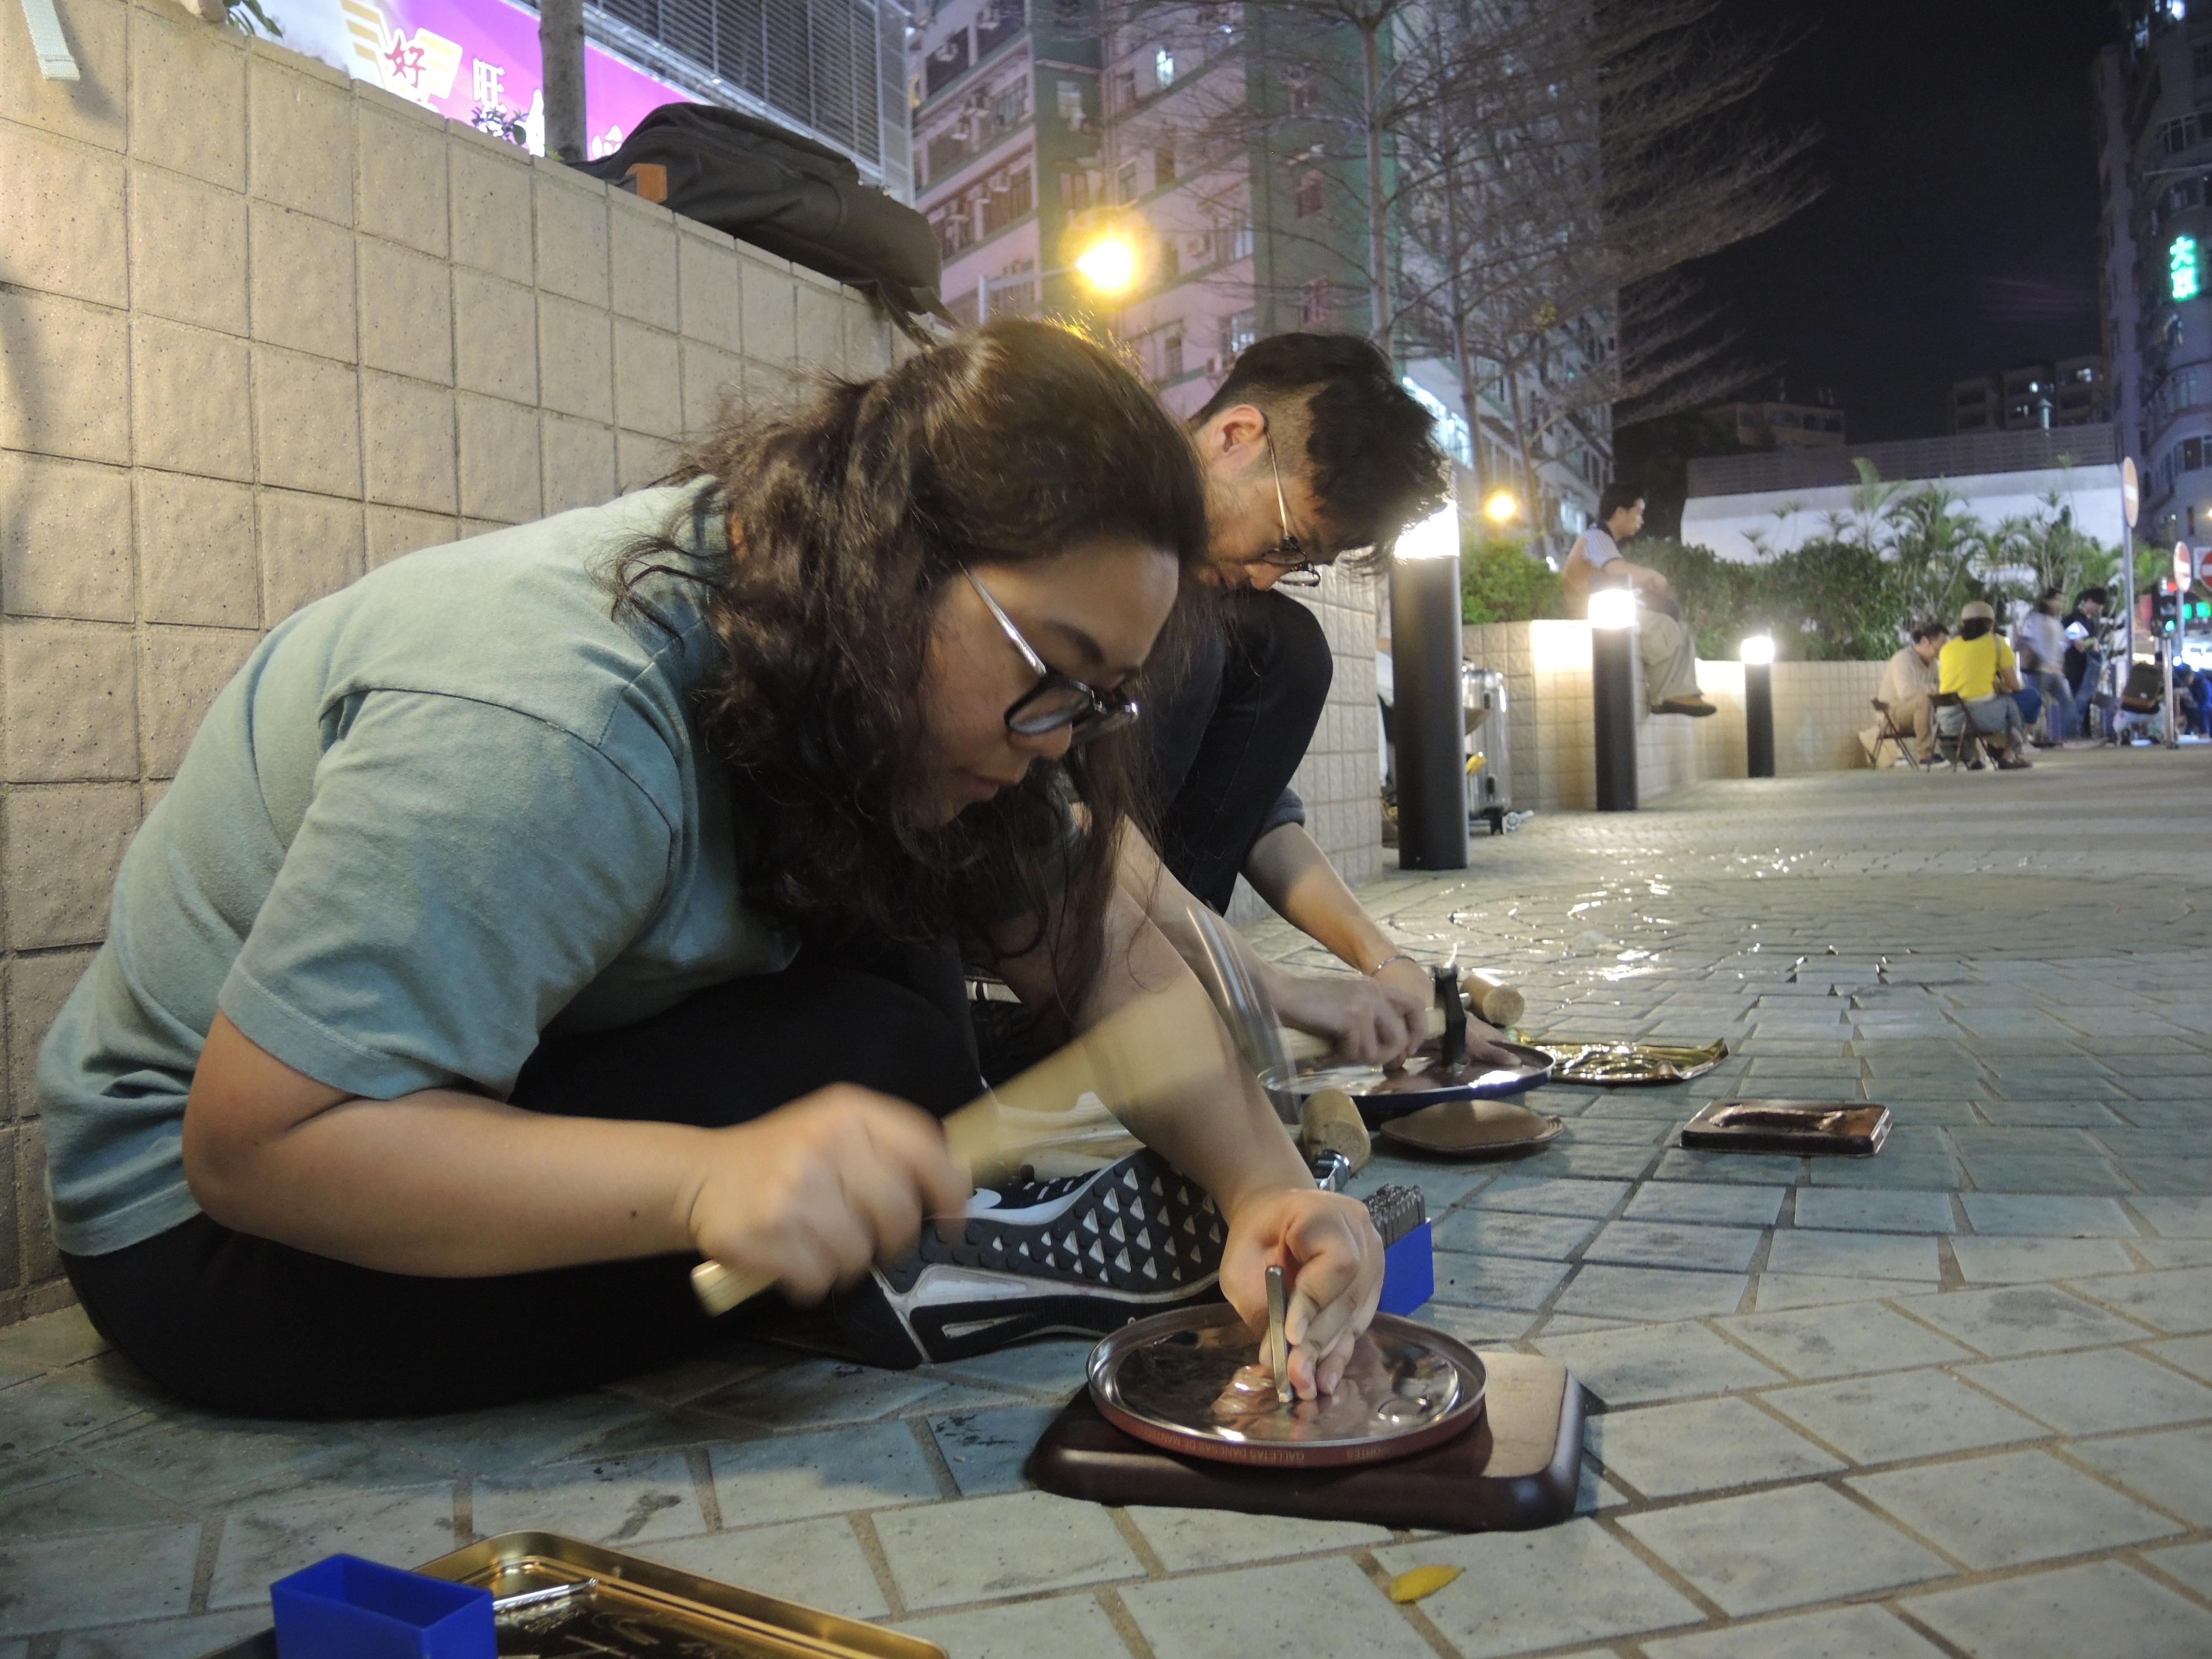 http://ubeat.com.cuhk.edu.hk/wp-content/uploads/2018/cg1_DSCN6493.jpg